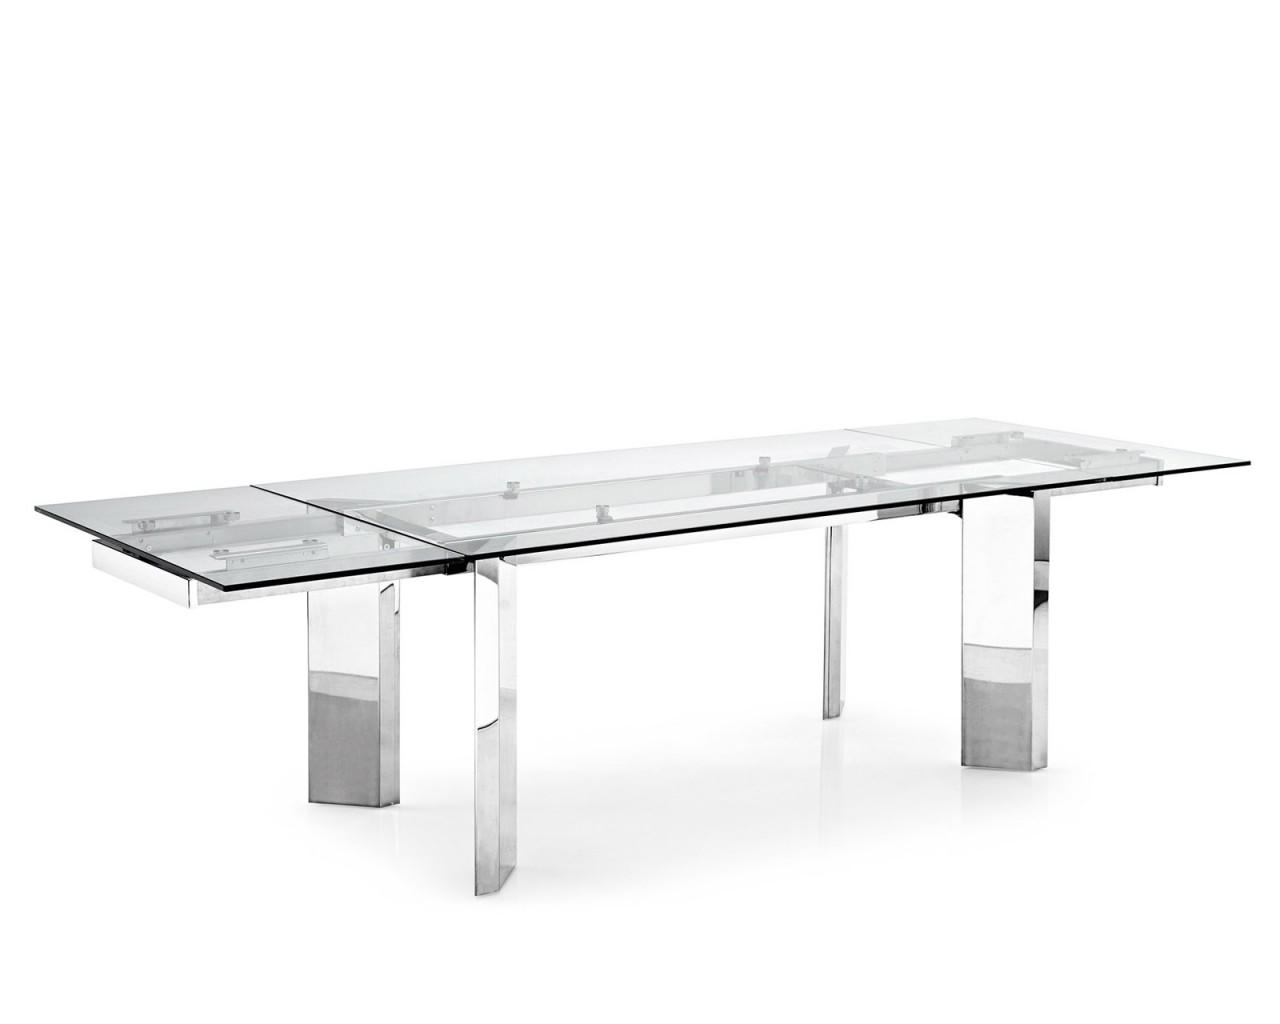 Tower tavolo allungabile tavoli torino calligaris arredamenti traiano - Tavolo vetro allungabile calligaris ...